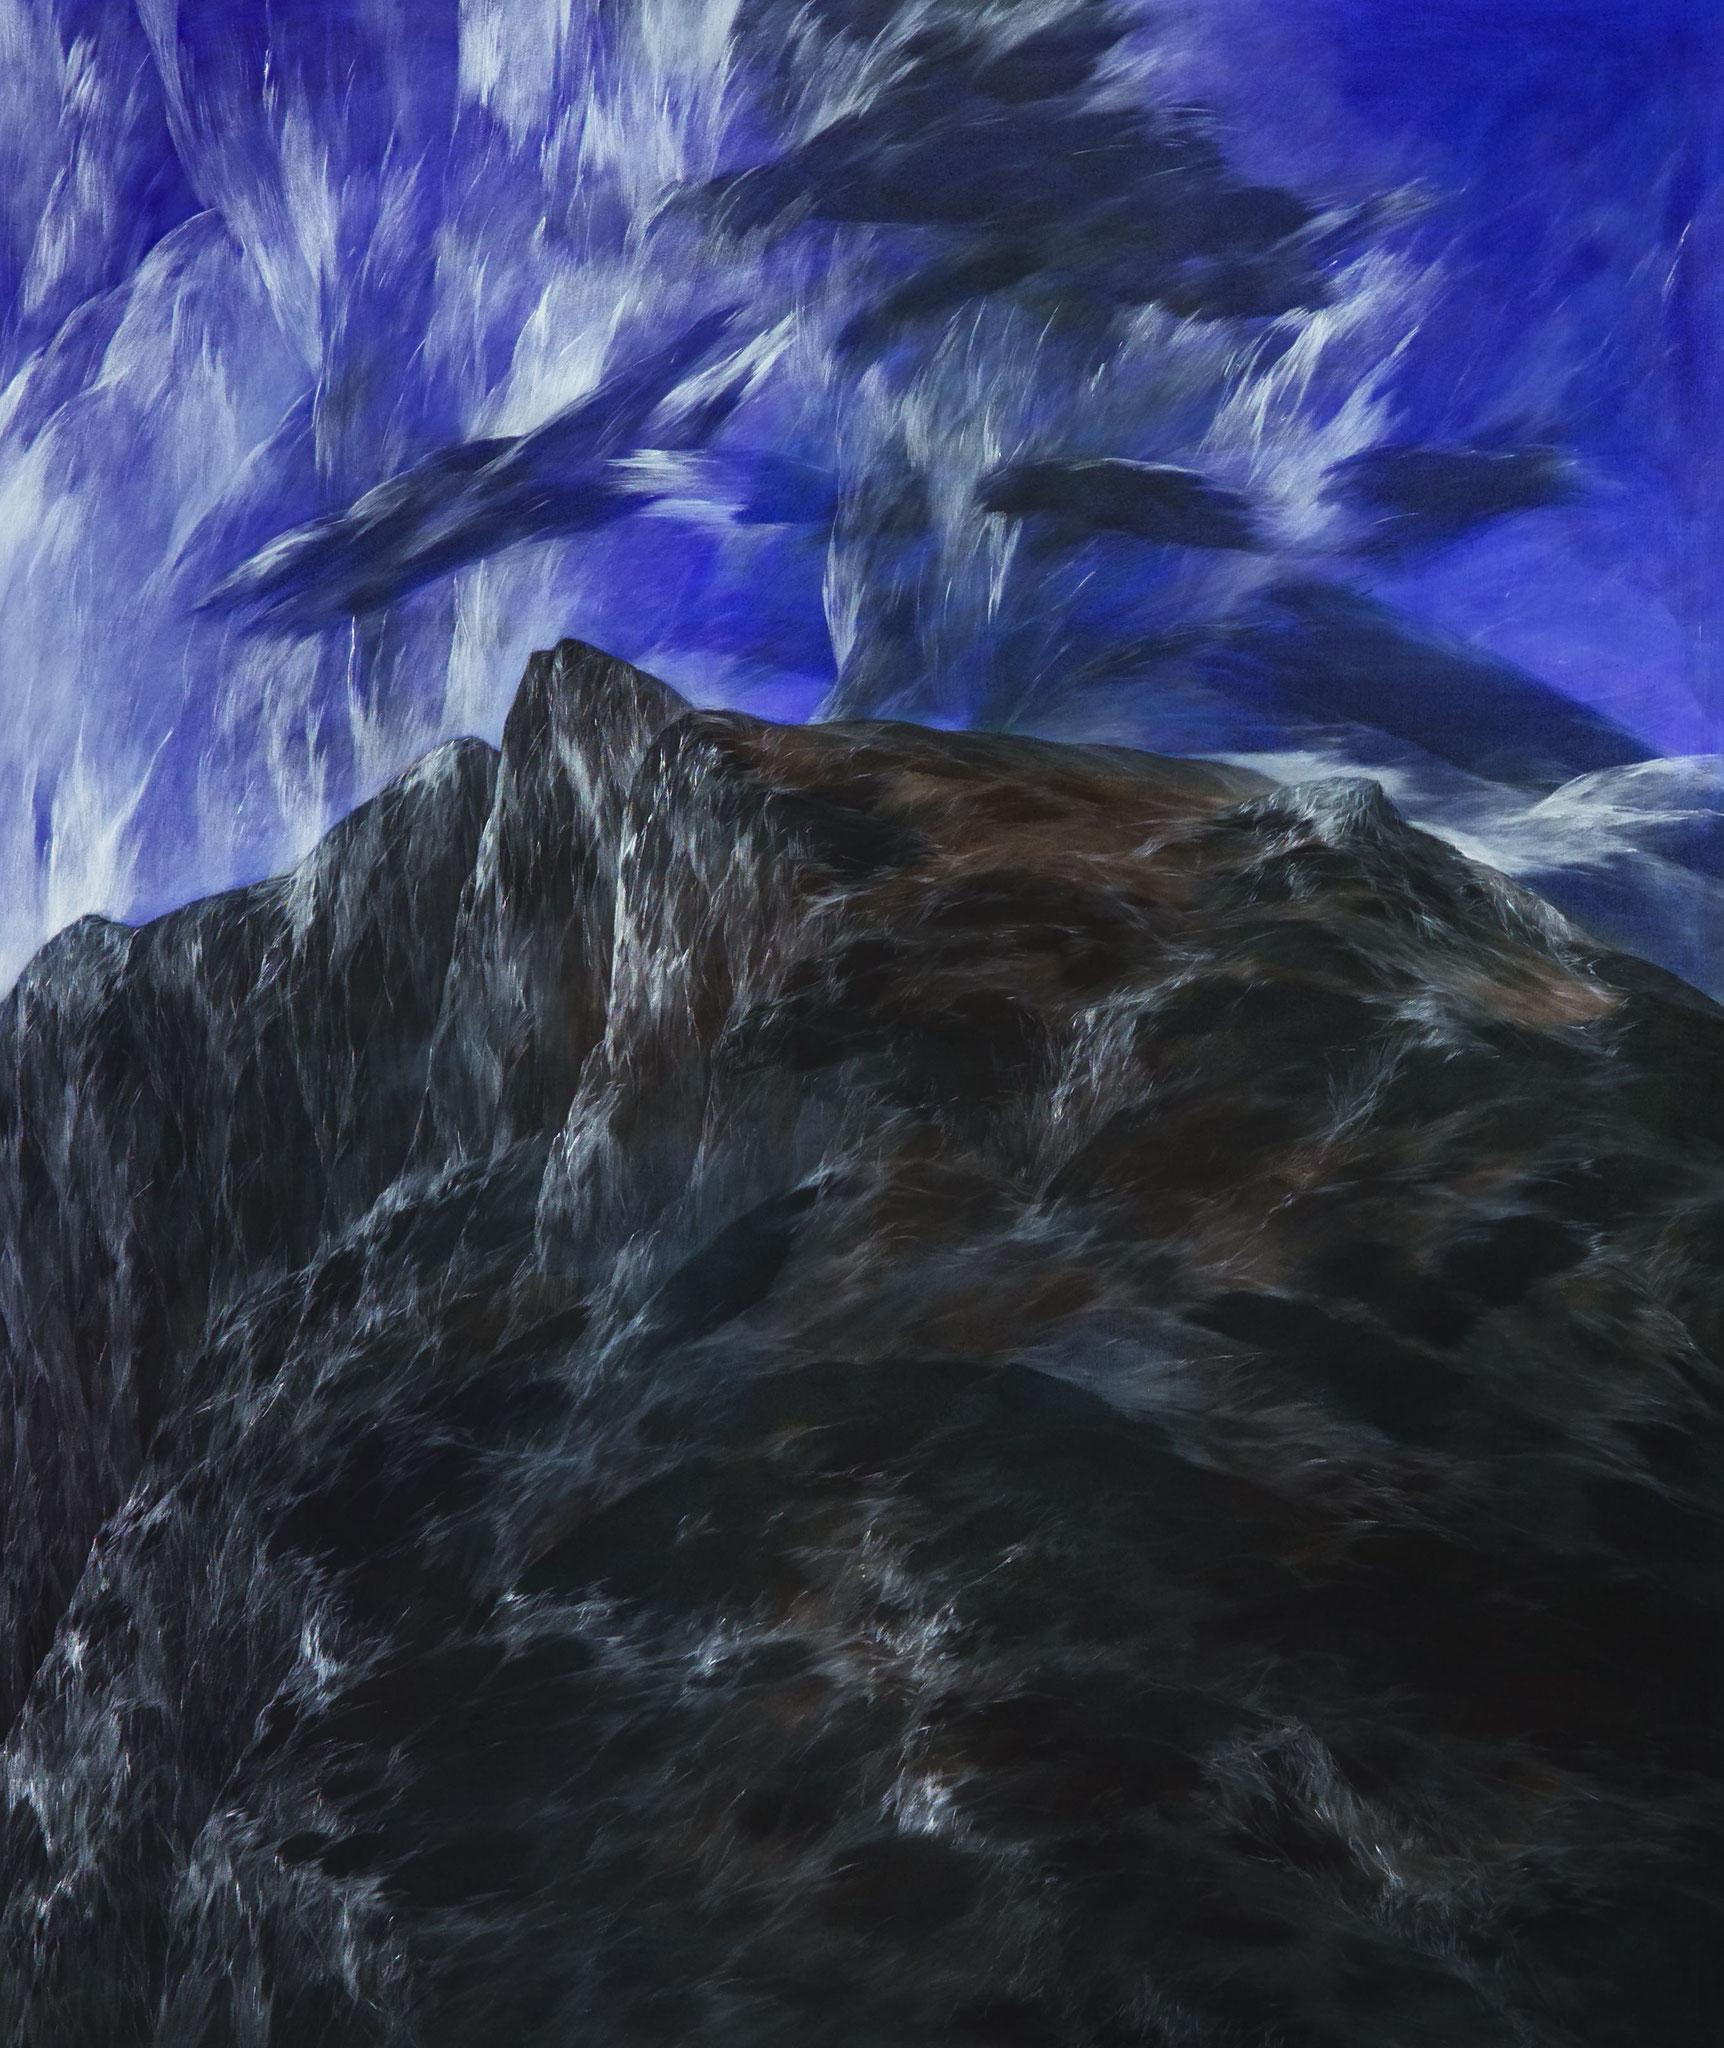 Josef Taucher, Zwielicht 1, 2004, Öl/Molino, 180 x 150 cm, Foto: W. Krug